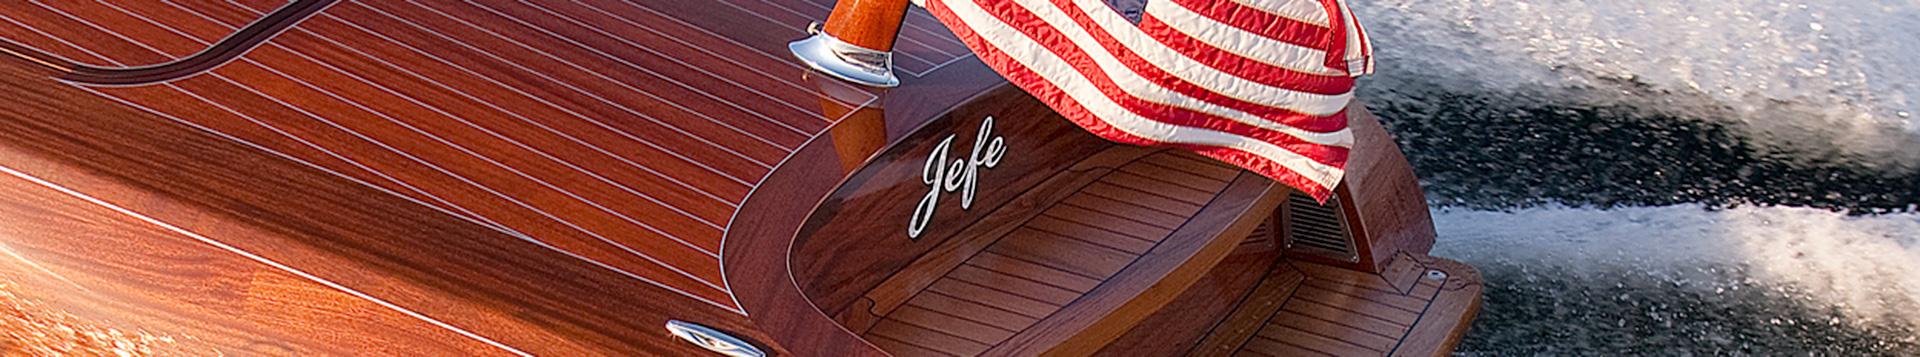 Yachts France: Jefe